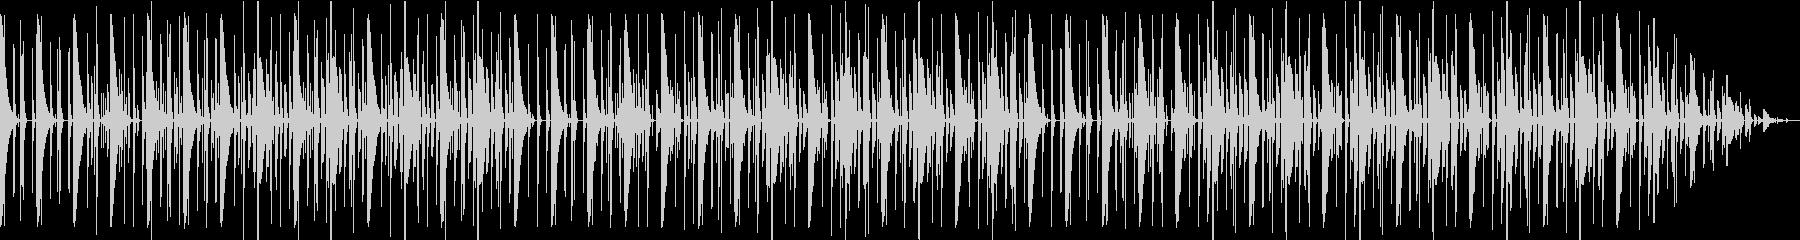 リズムボックスでいびつなテクノビートの未再生の波形